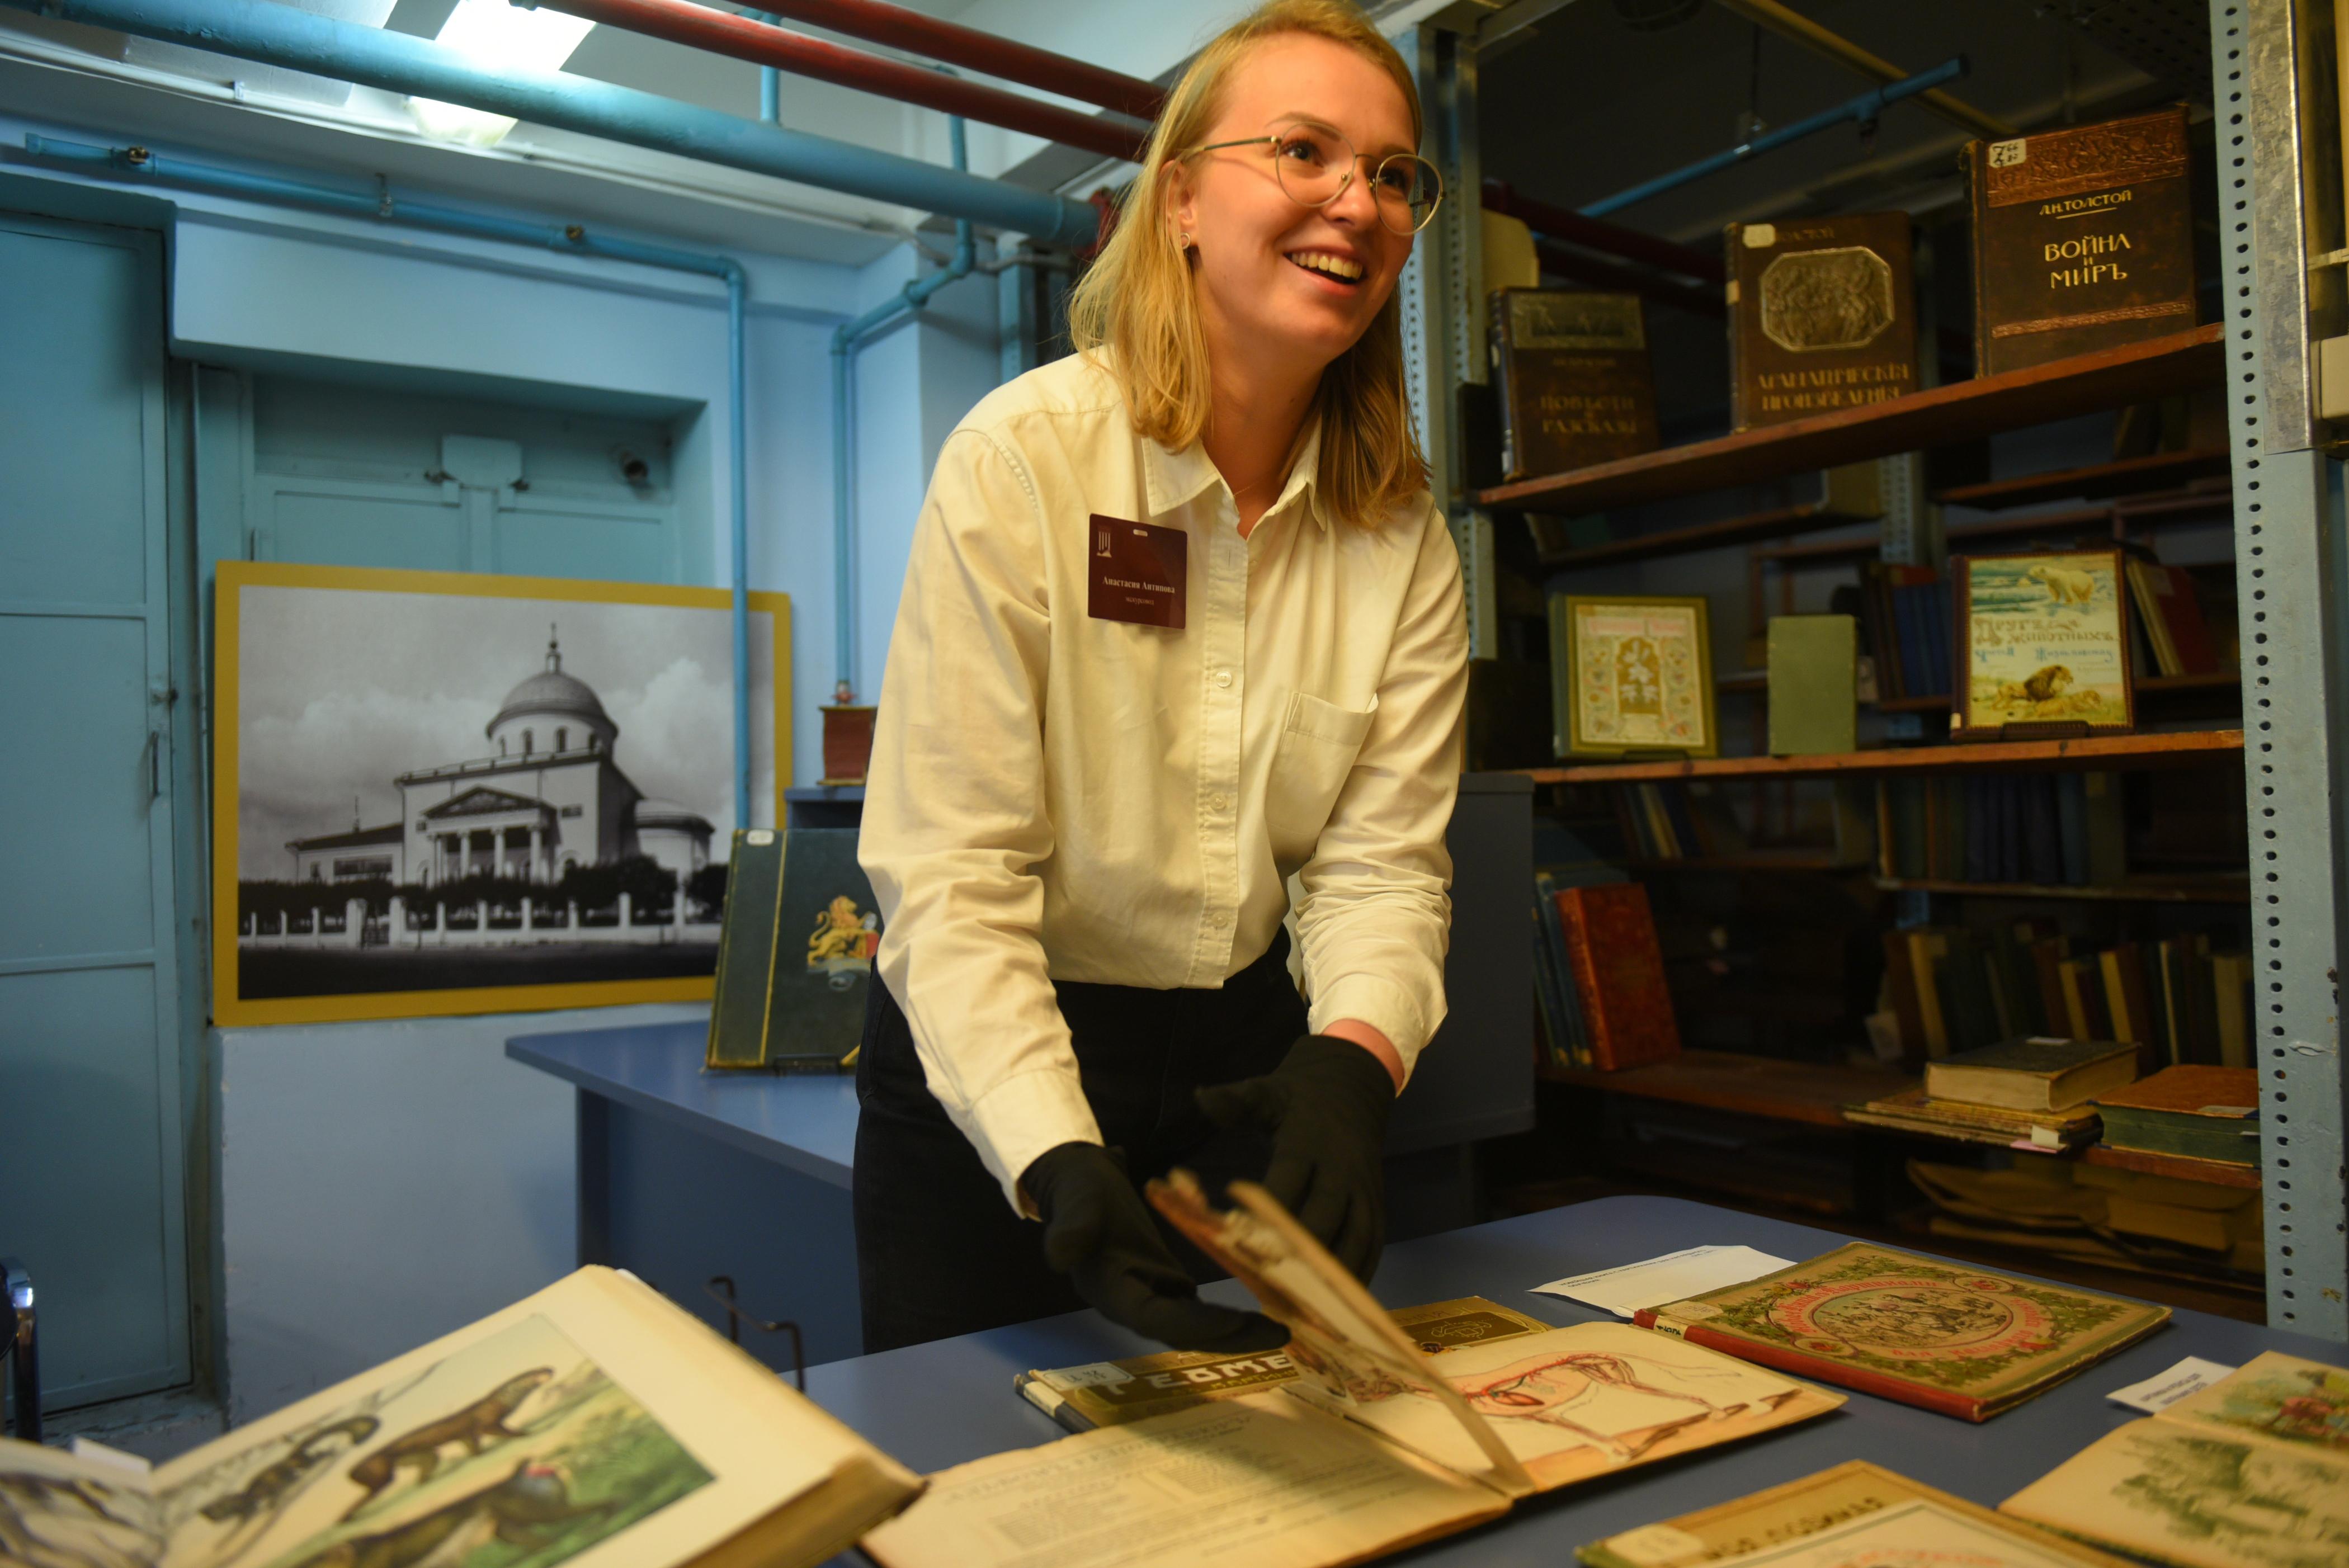 Участники проекта «Мы помним, мы гордимся» помогут дополнить экспозицию музея «Дивизион-Ангар»